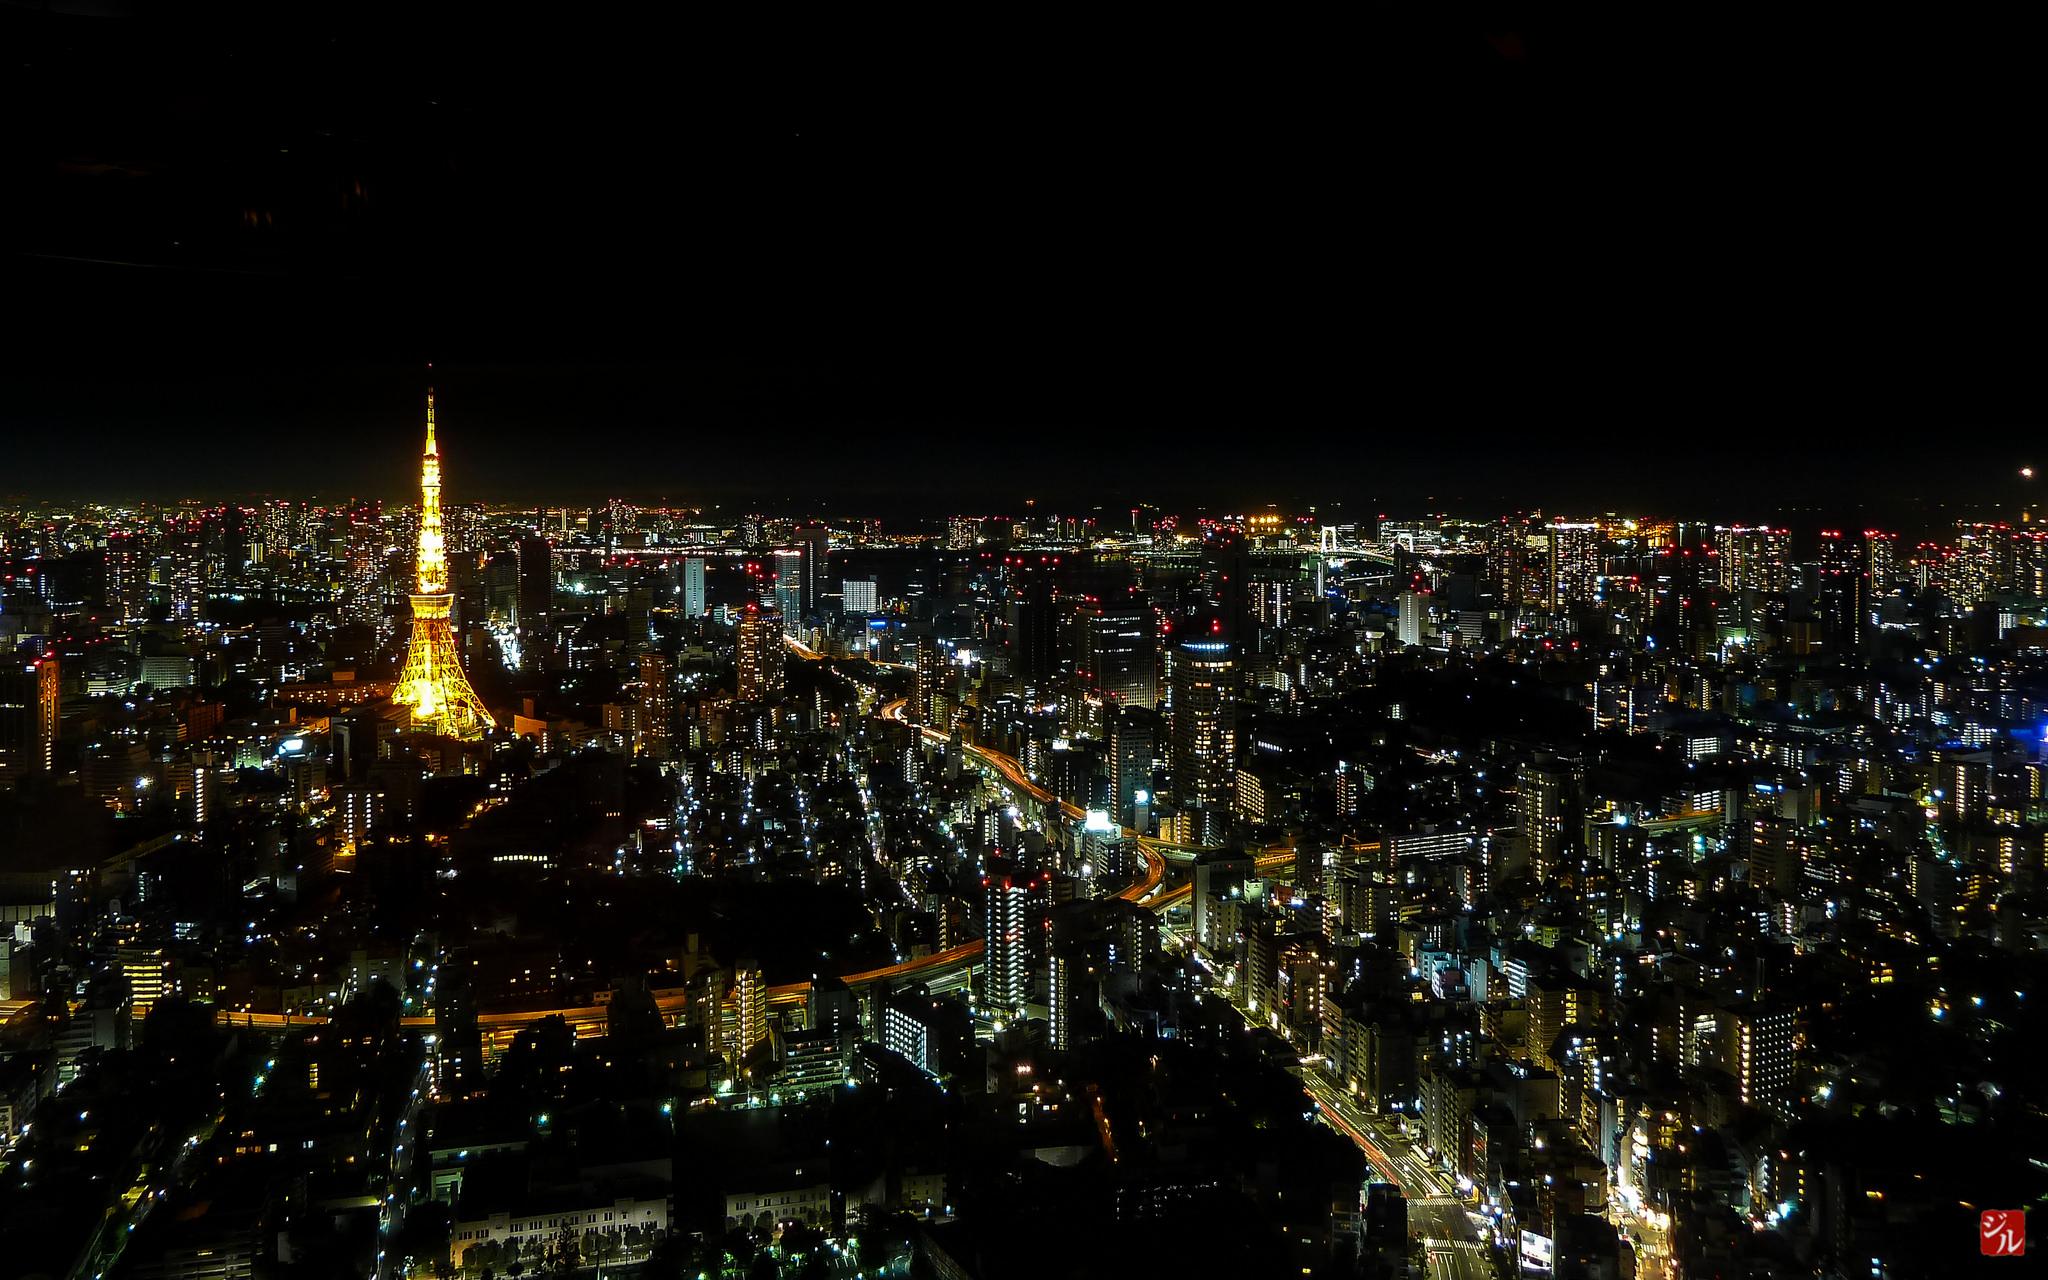 Tokio, nächtliche Skyline. Links im Bild, der leuchtende Tokyo Tower.